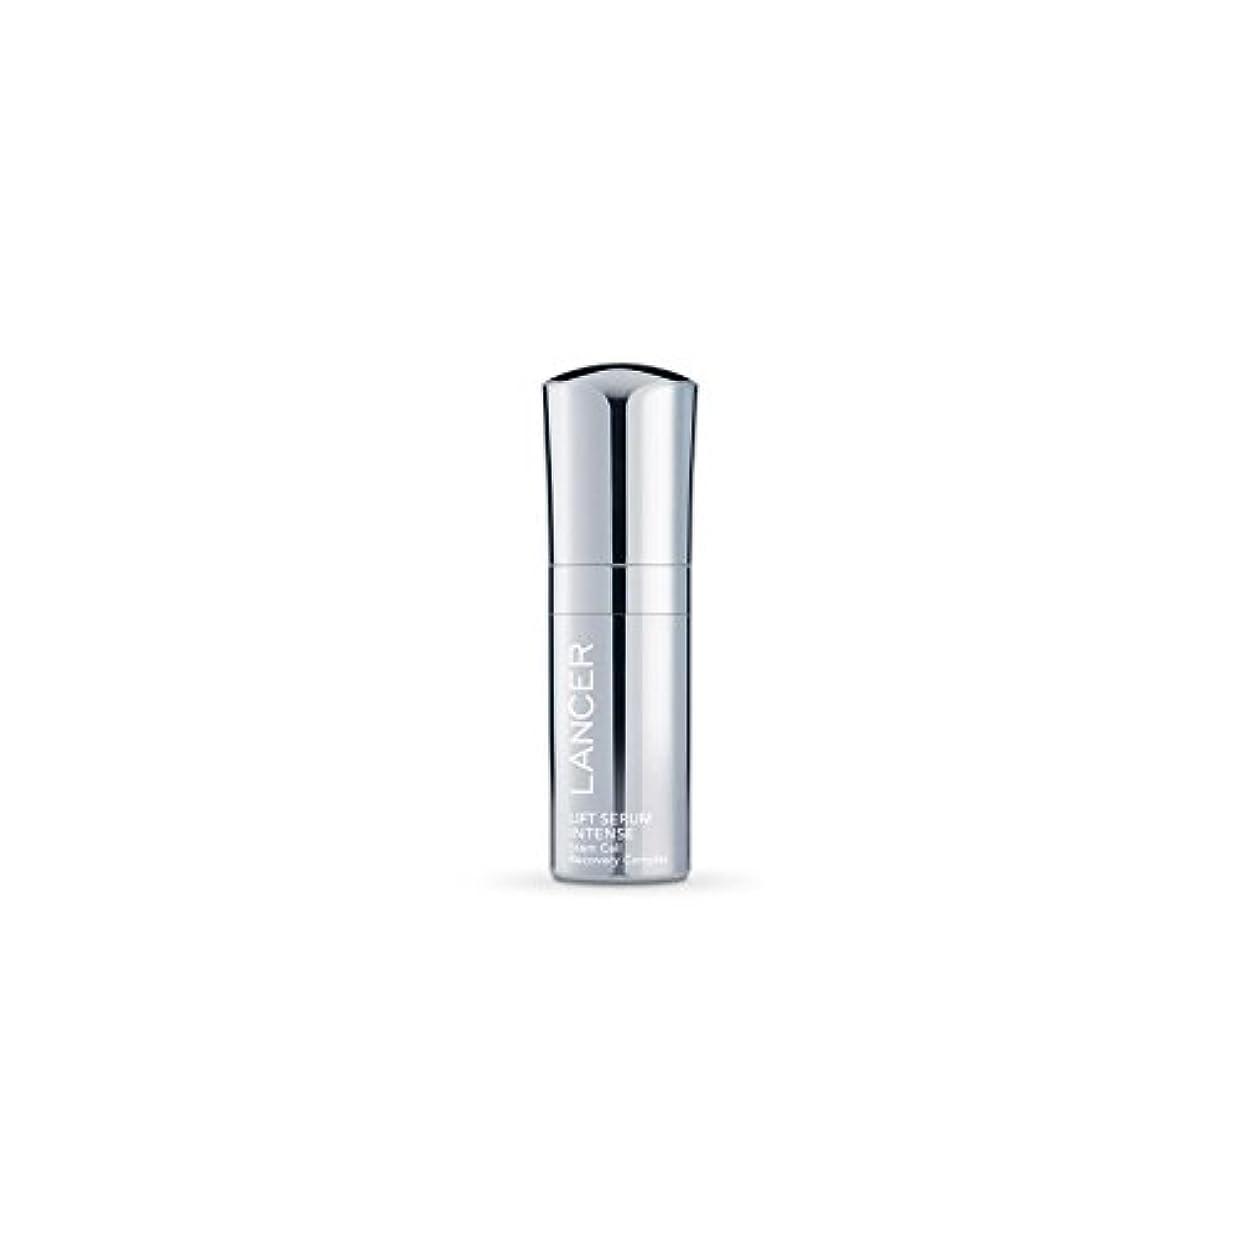 窒素授業料橋脚Lancer Skincare Lift Serum Intense (30ml) - 強烈ランサースキンケアリフト血清(30ミリリットル) [並行輸入品]